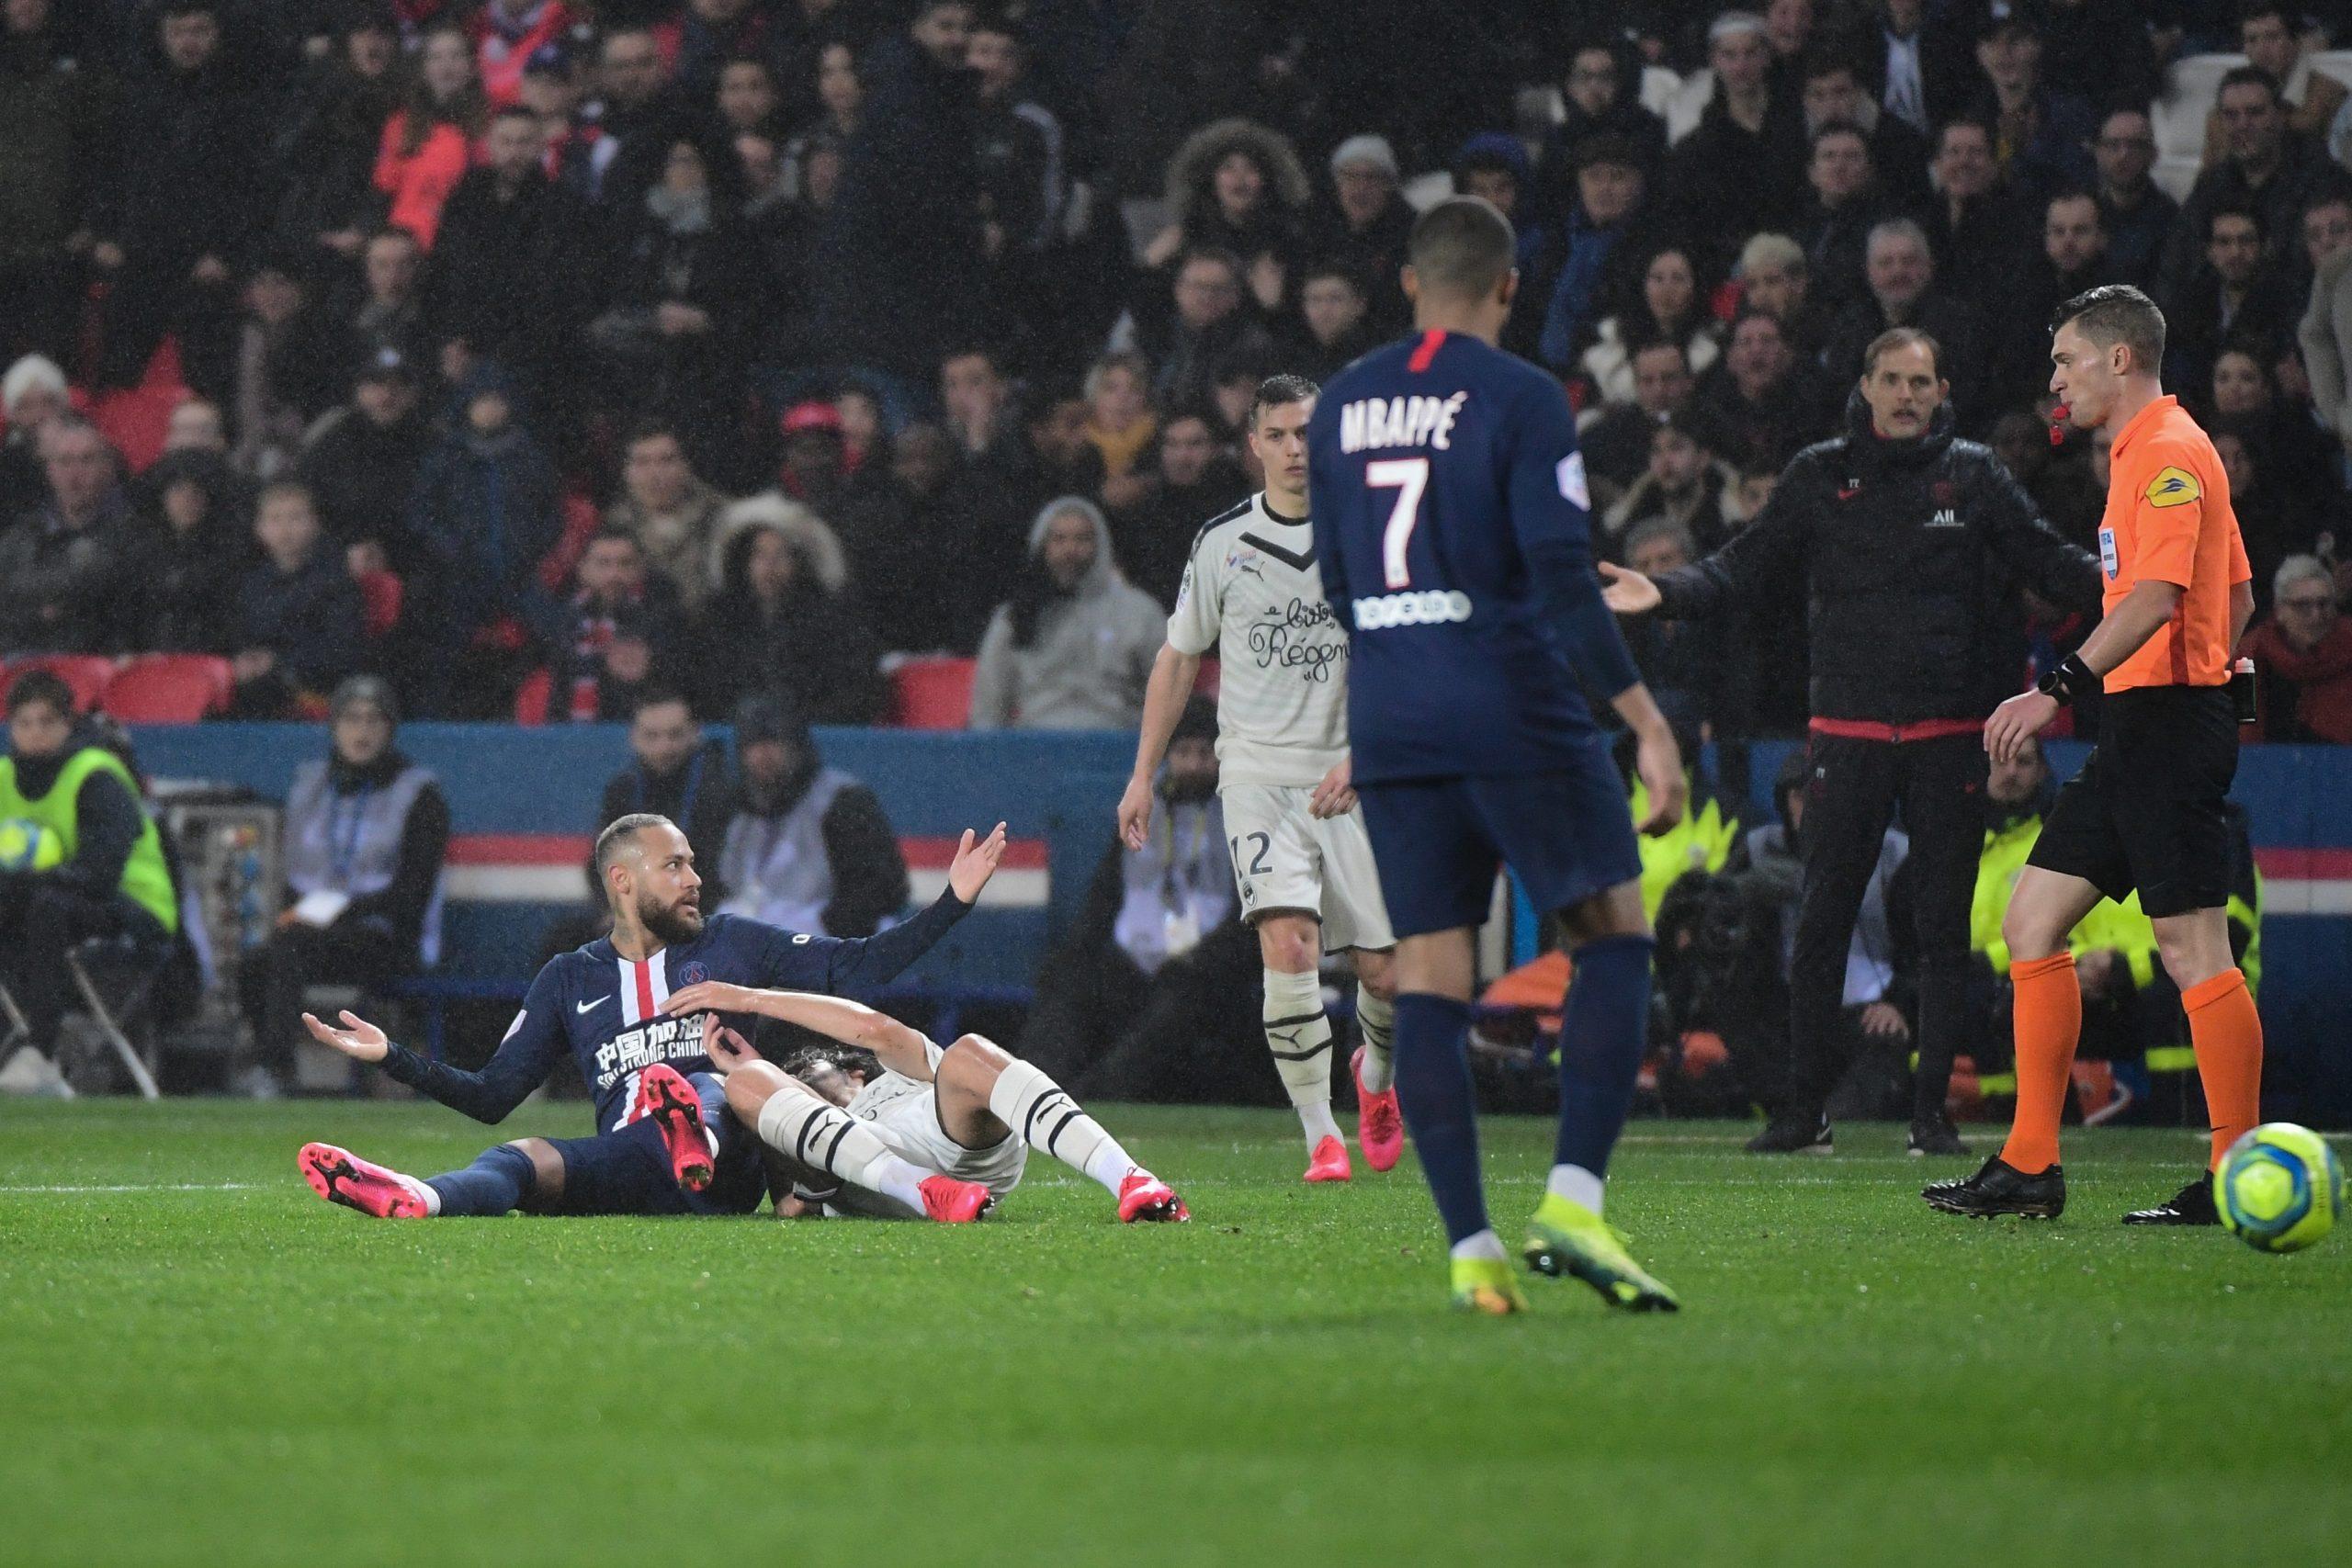 Neymar probablement suspendu pour une seule rencontre, explique Le Parisien